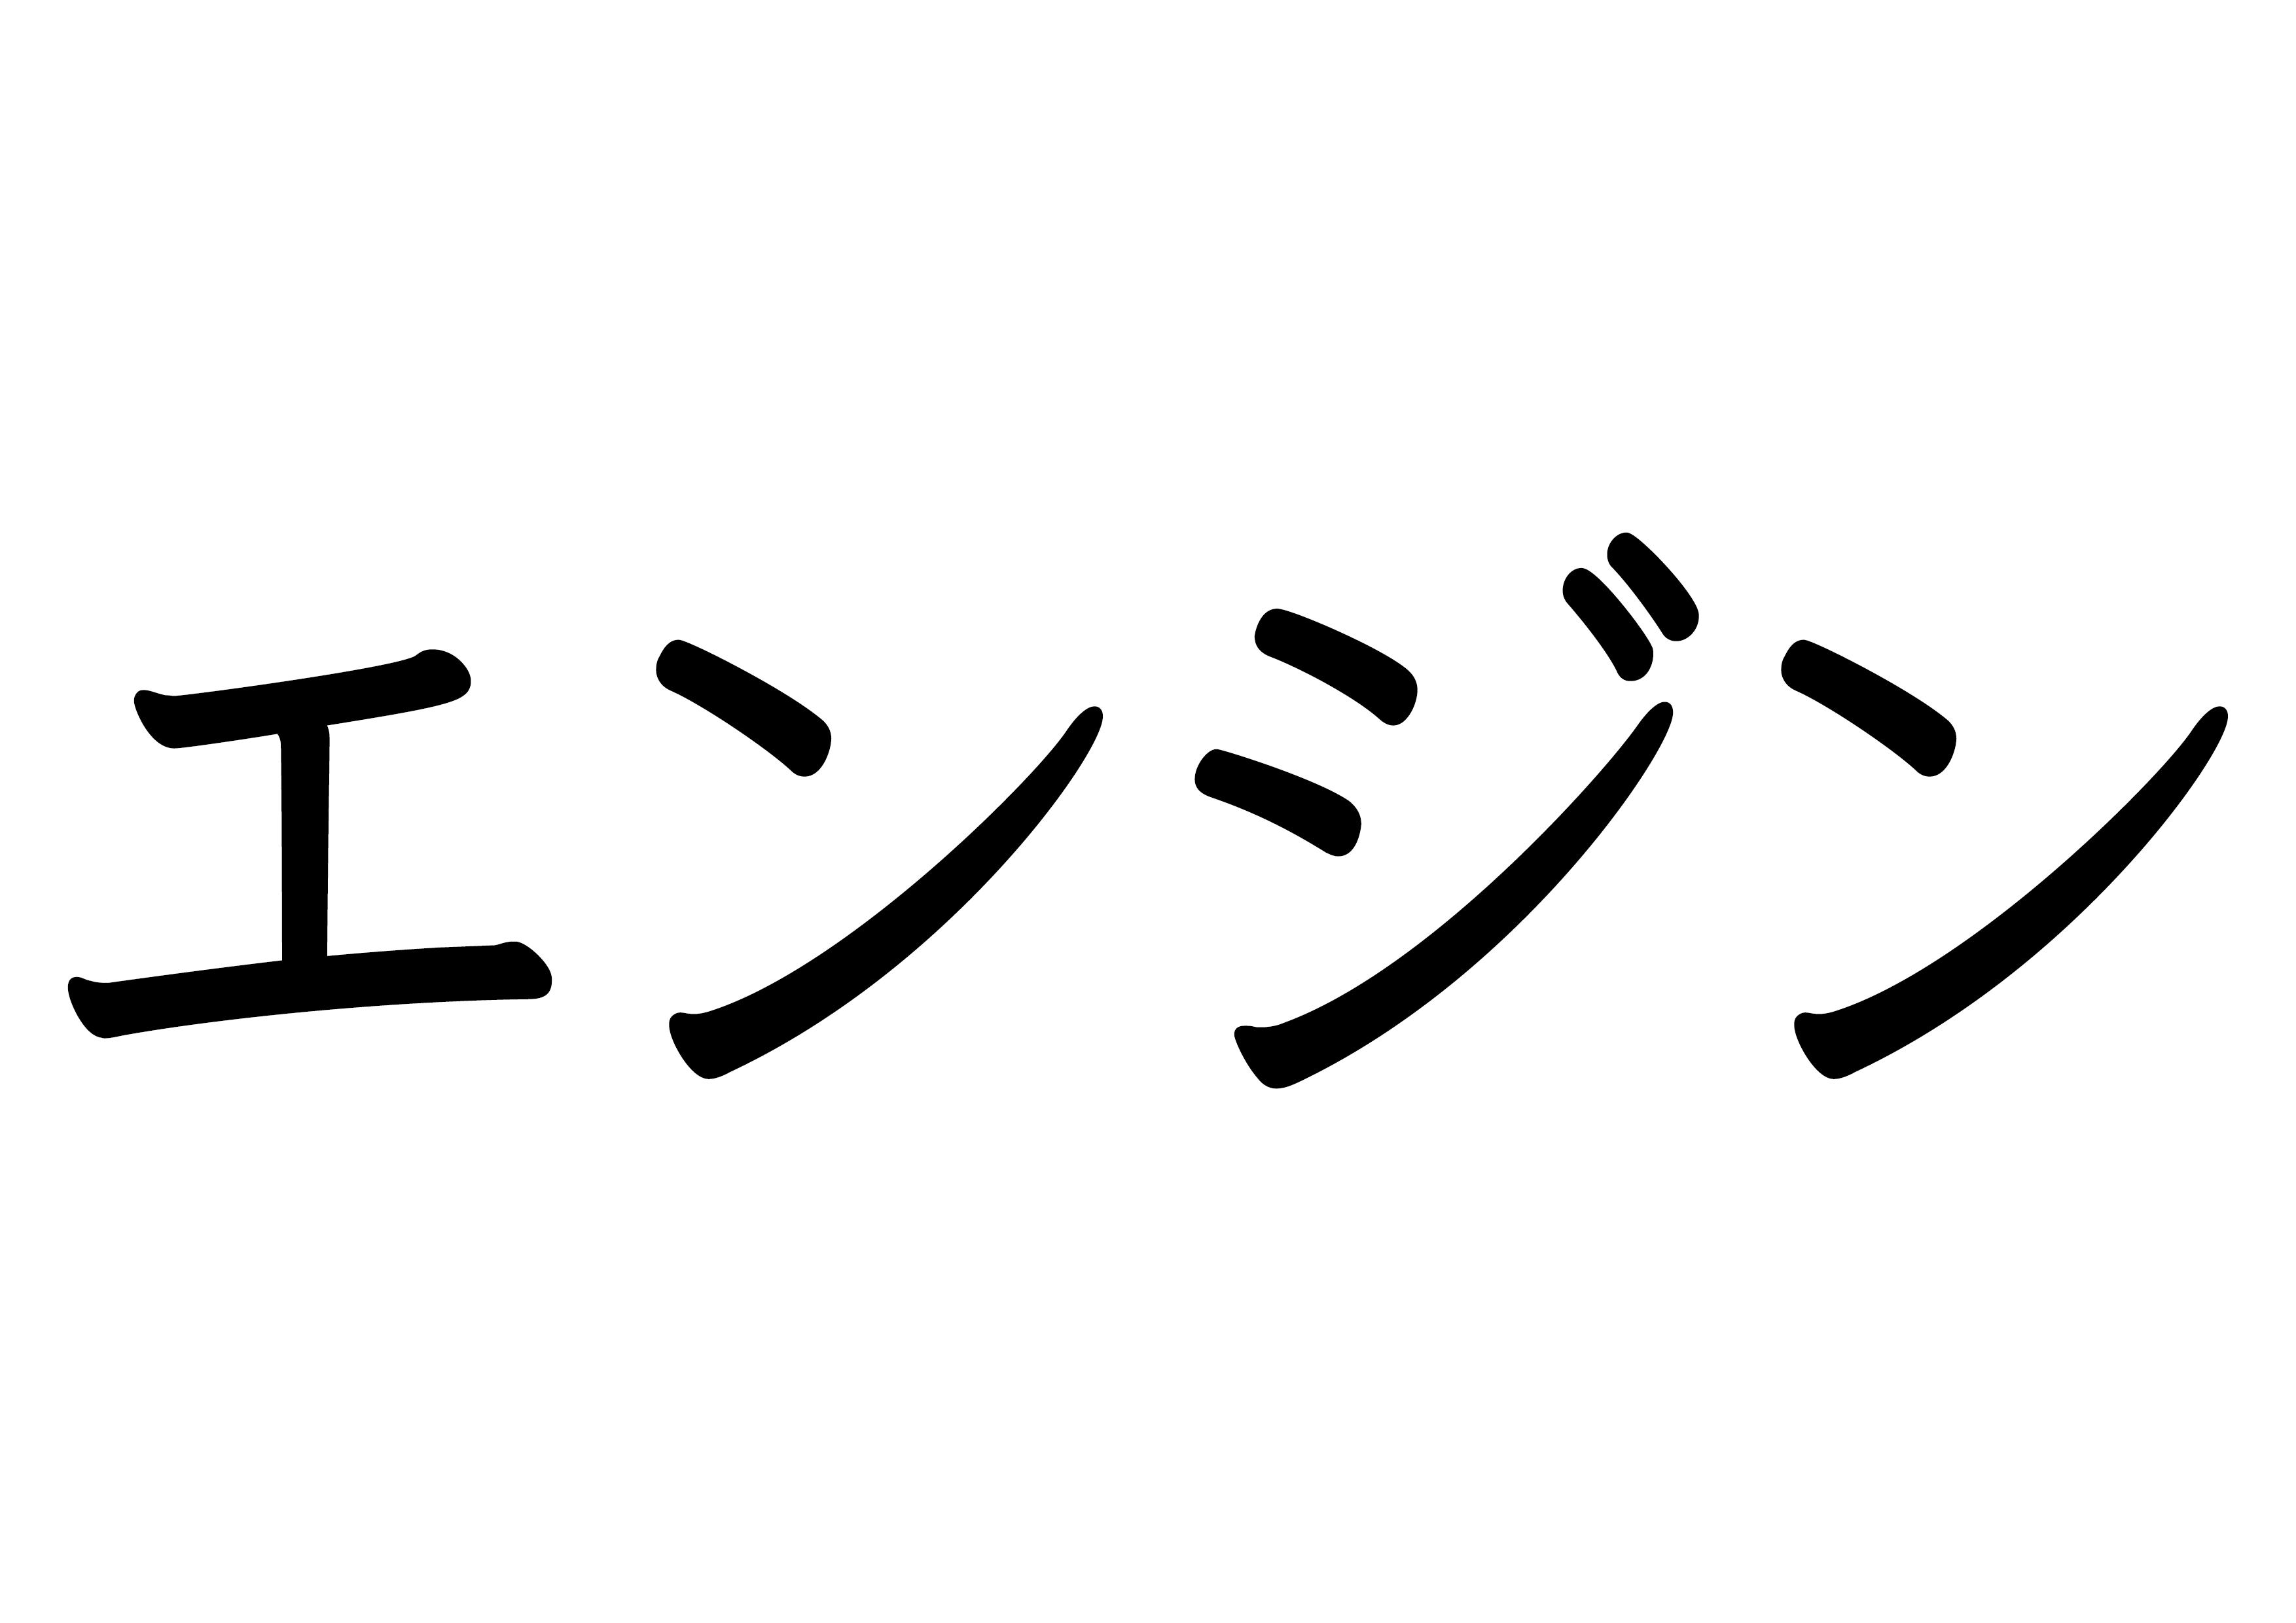 カタカナ【エンジン】